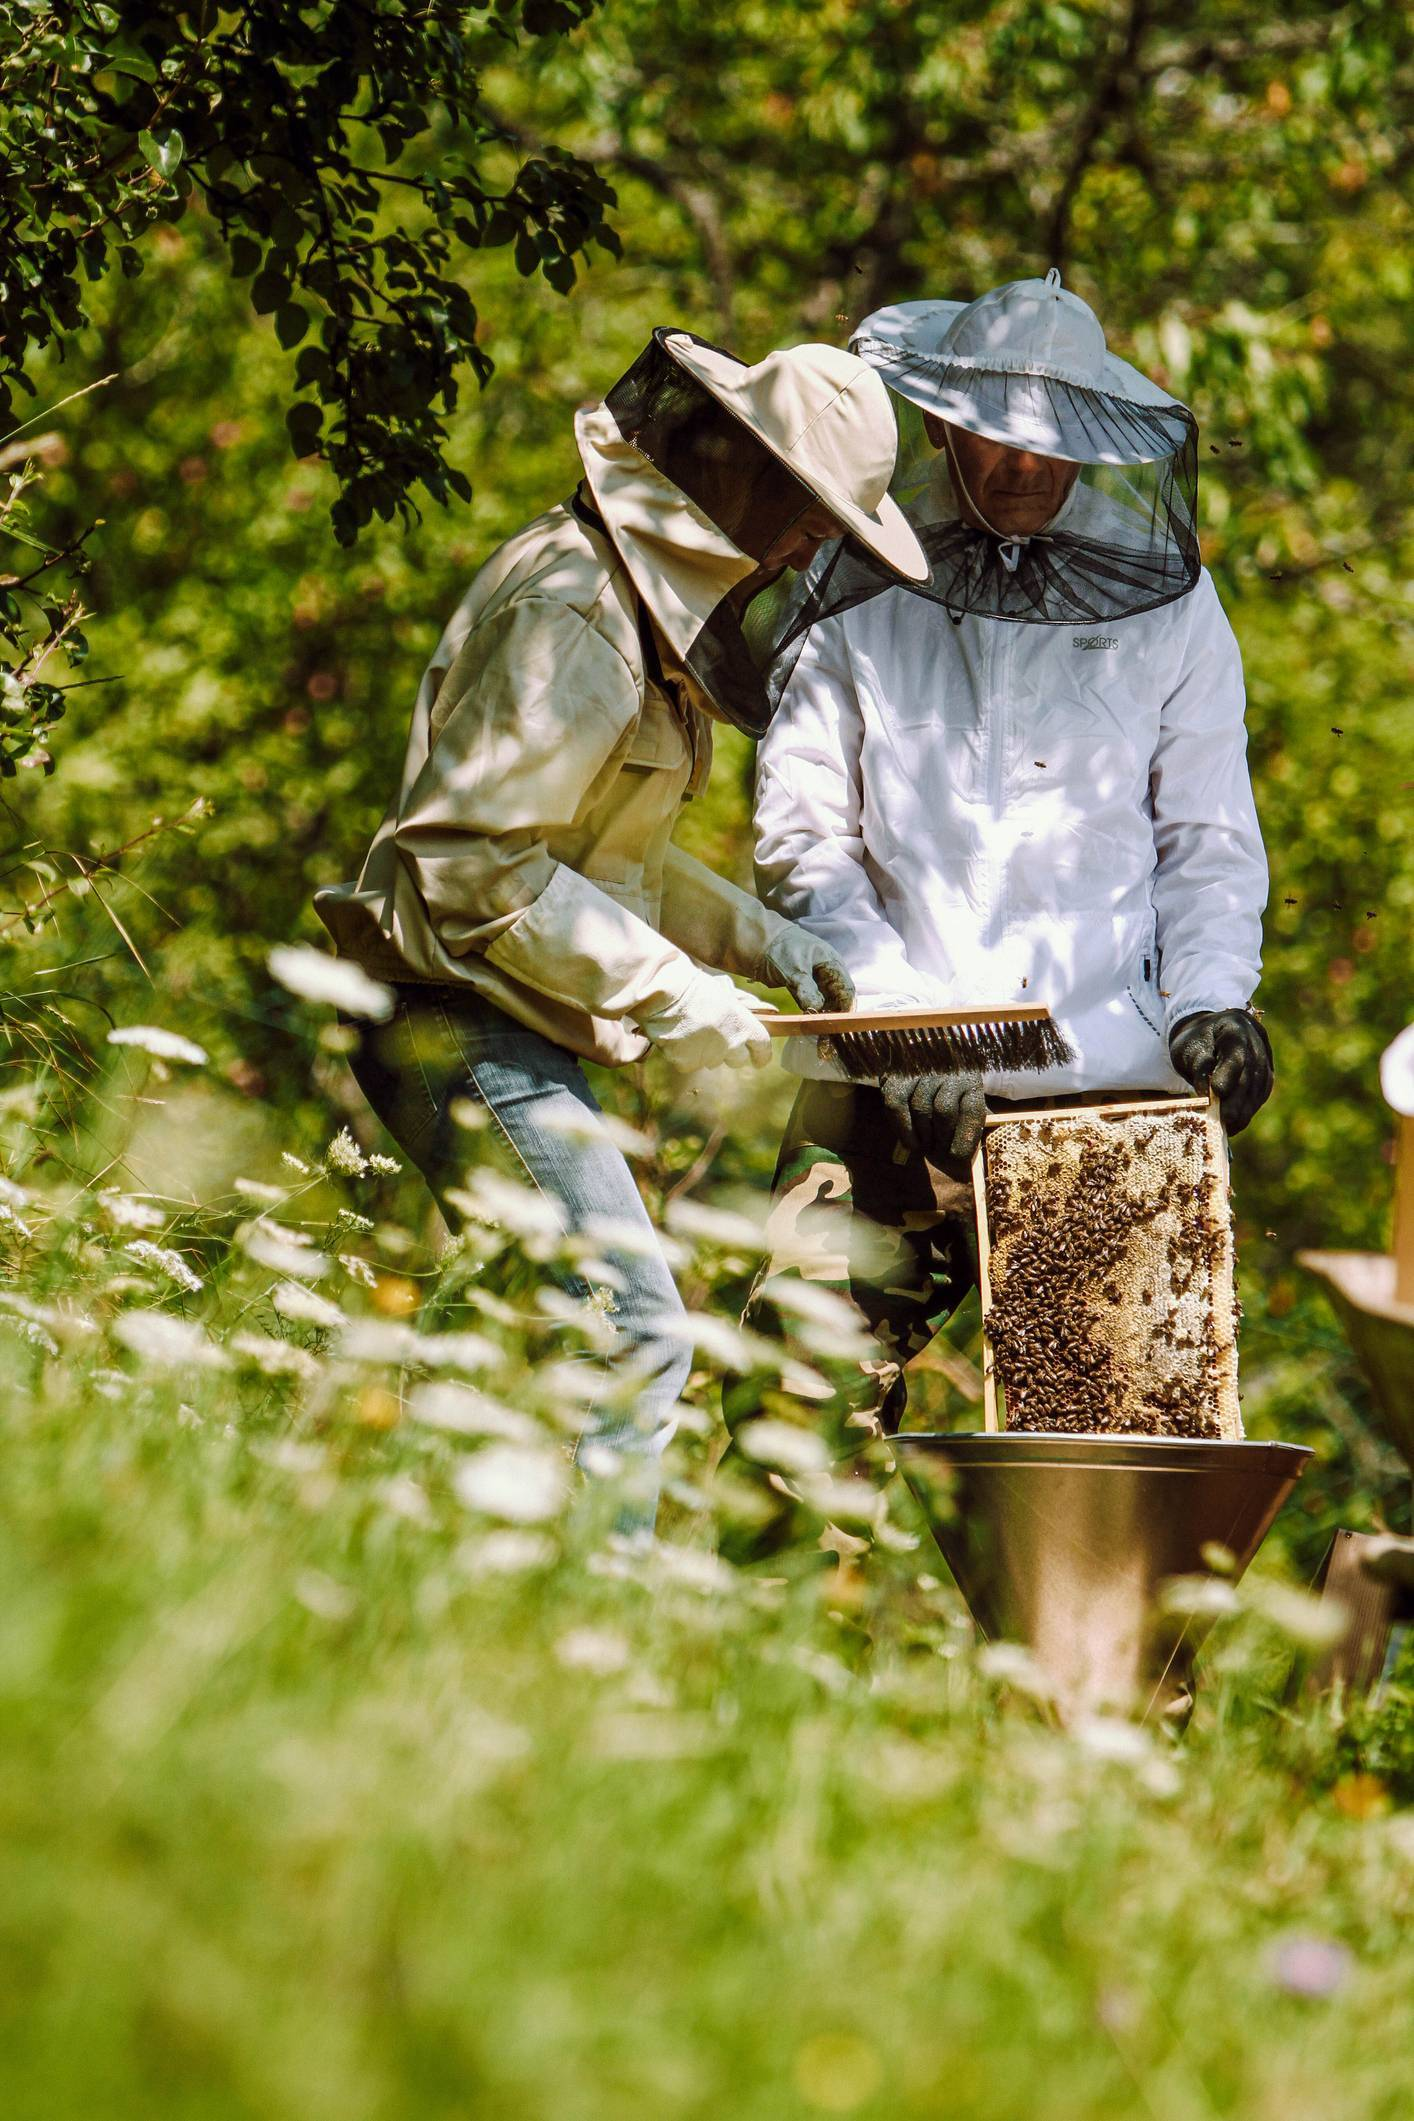 équipements apiculture